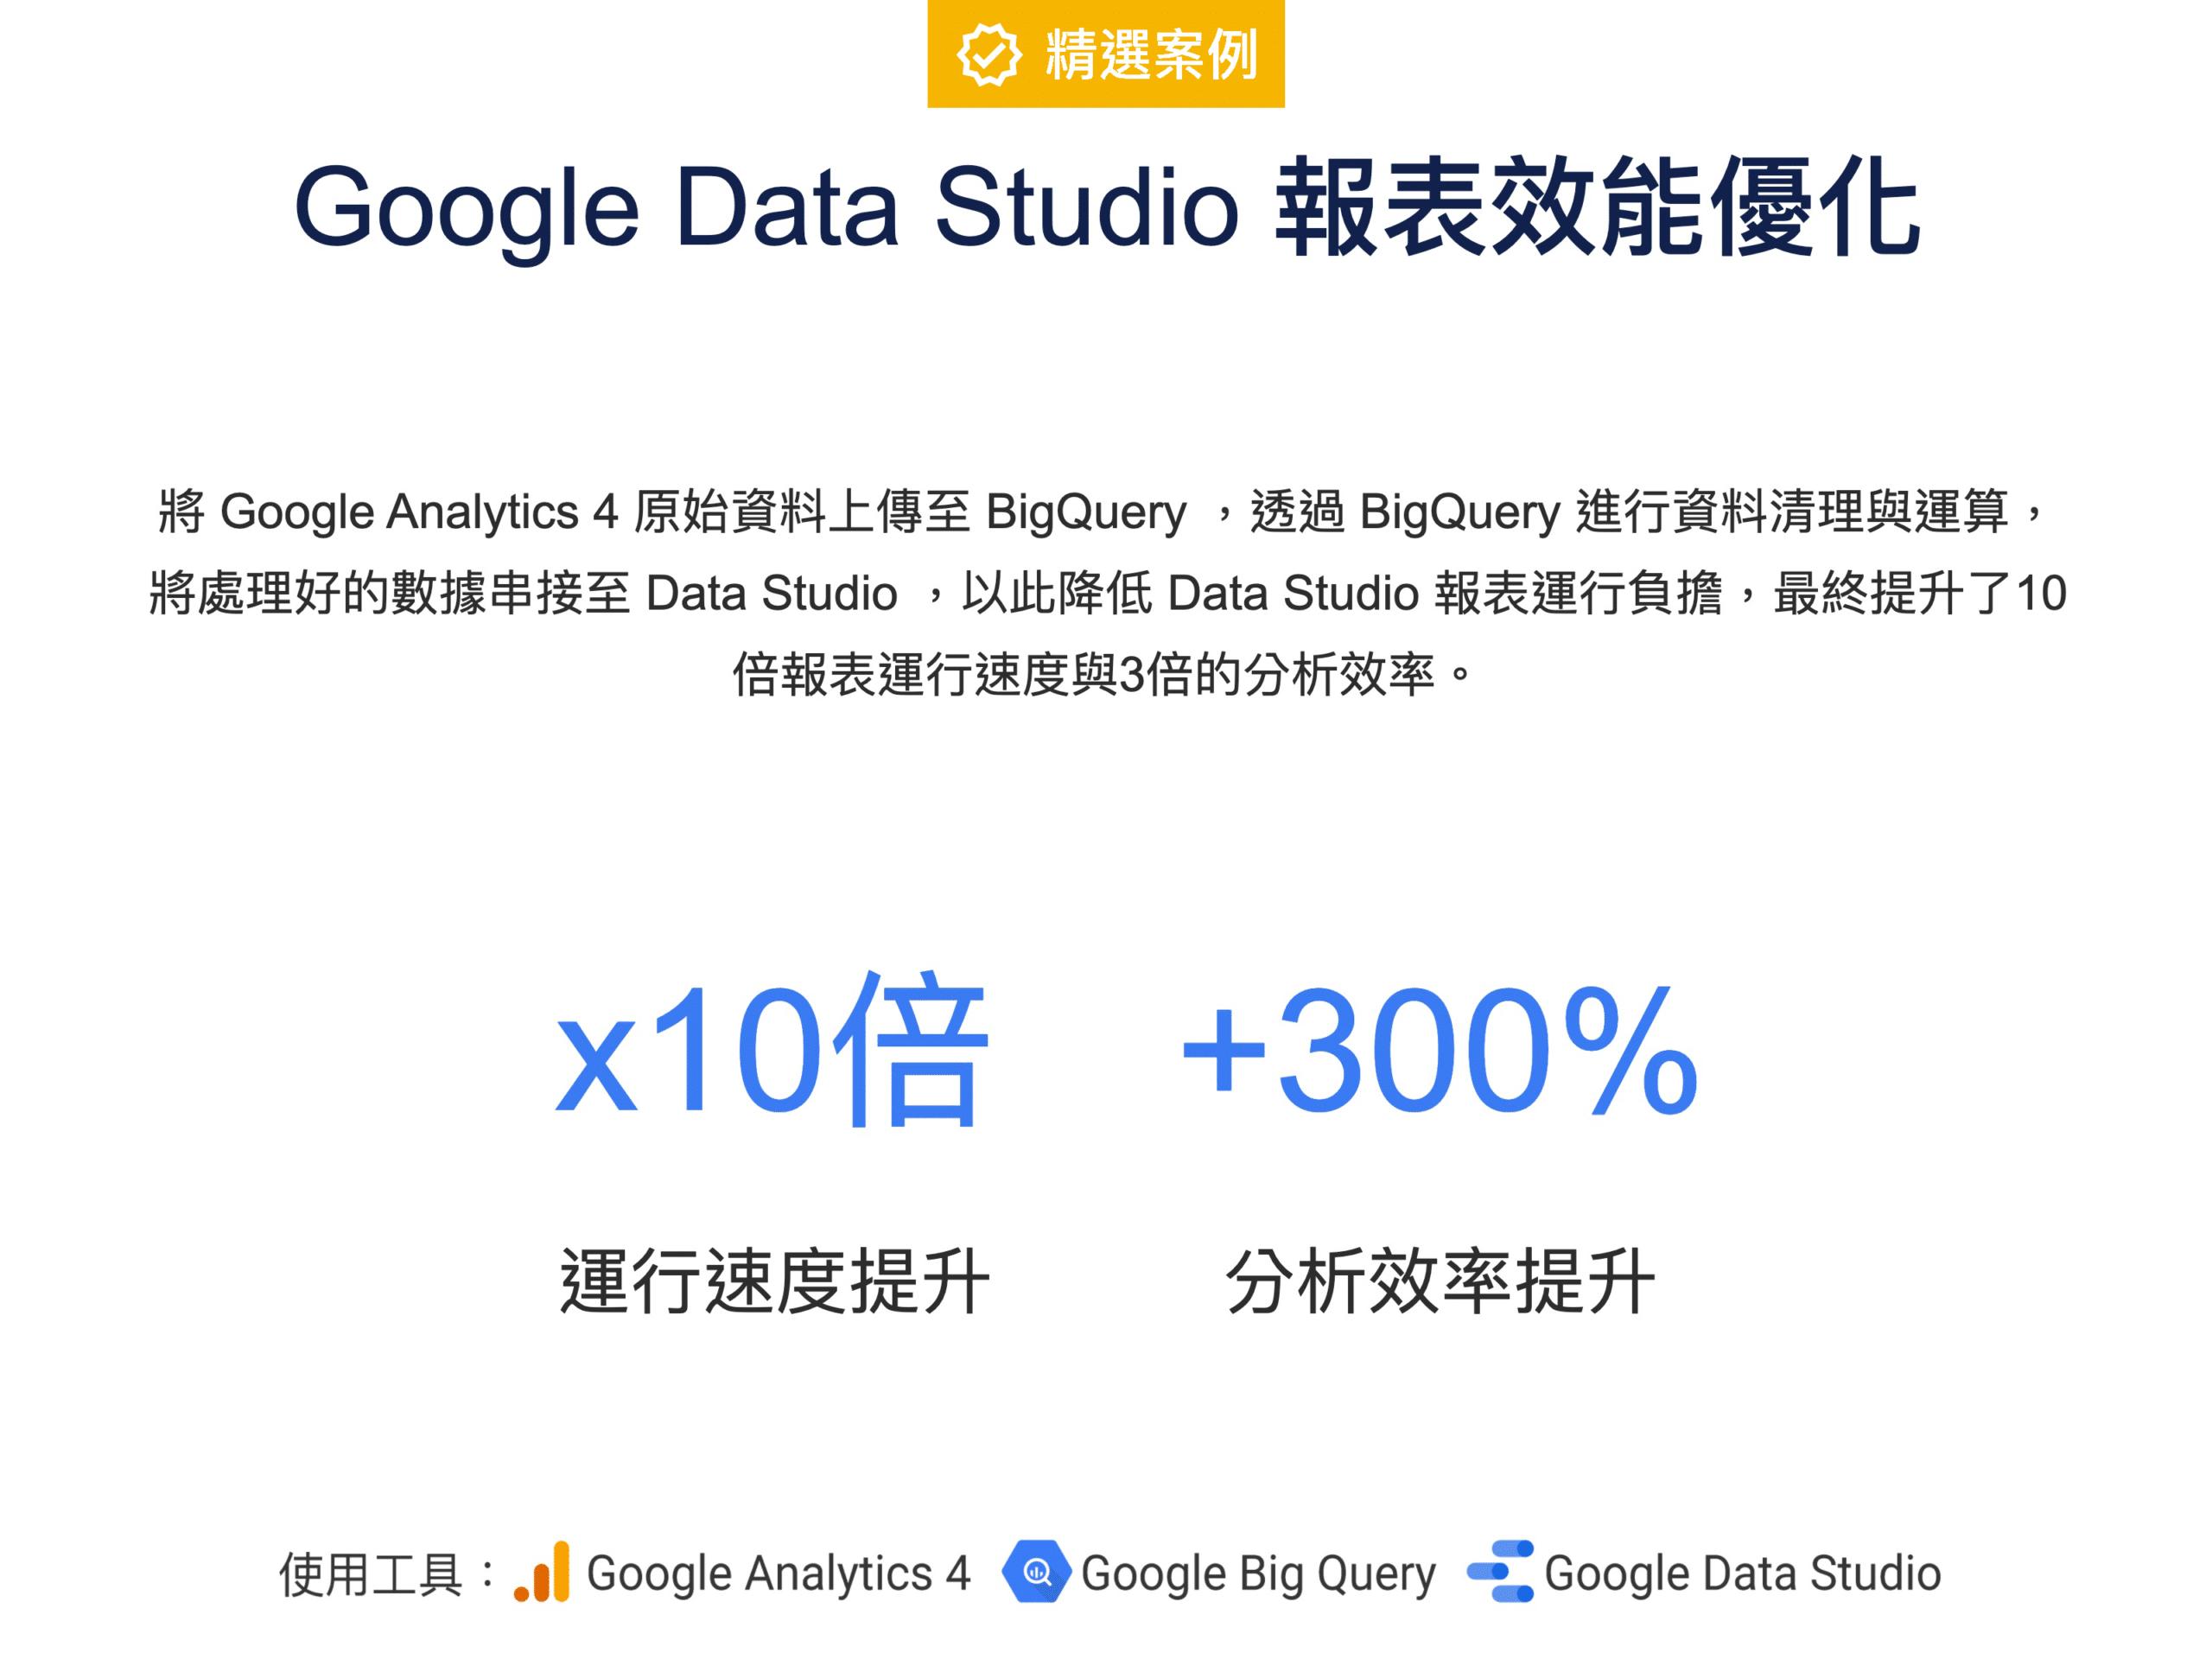 【精選案例】 Data Studio 報表速度 優化 ,報表效能提升 10 倍